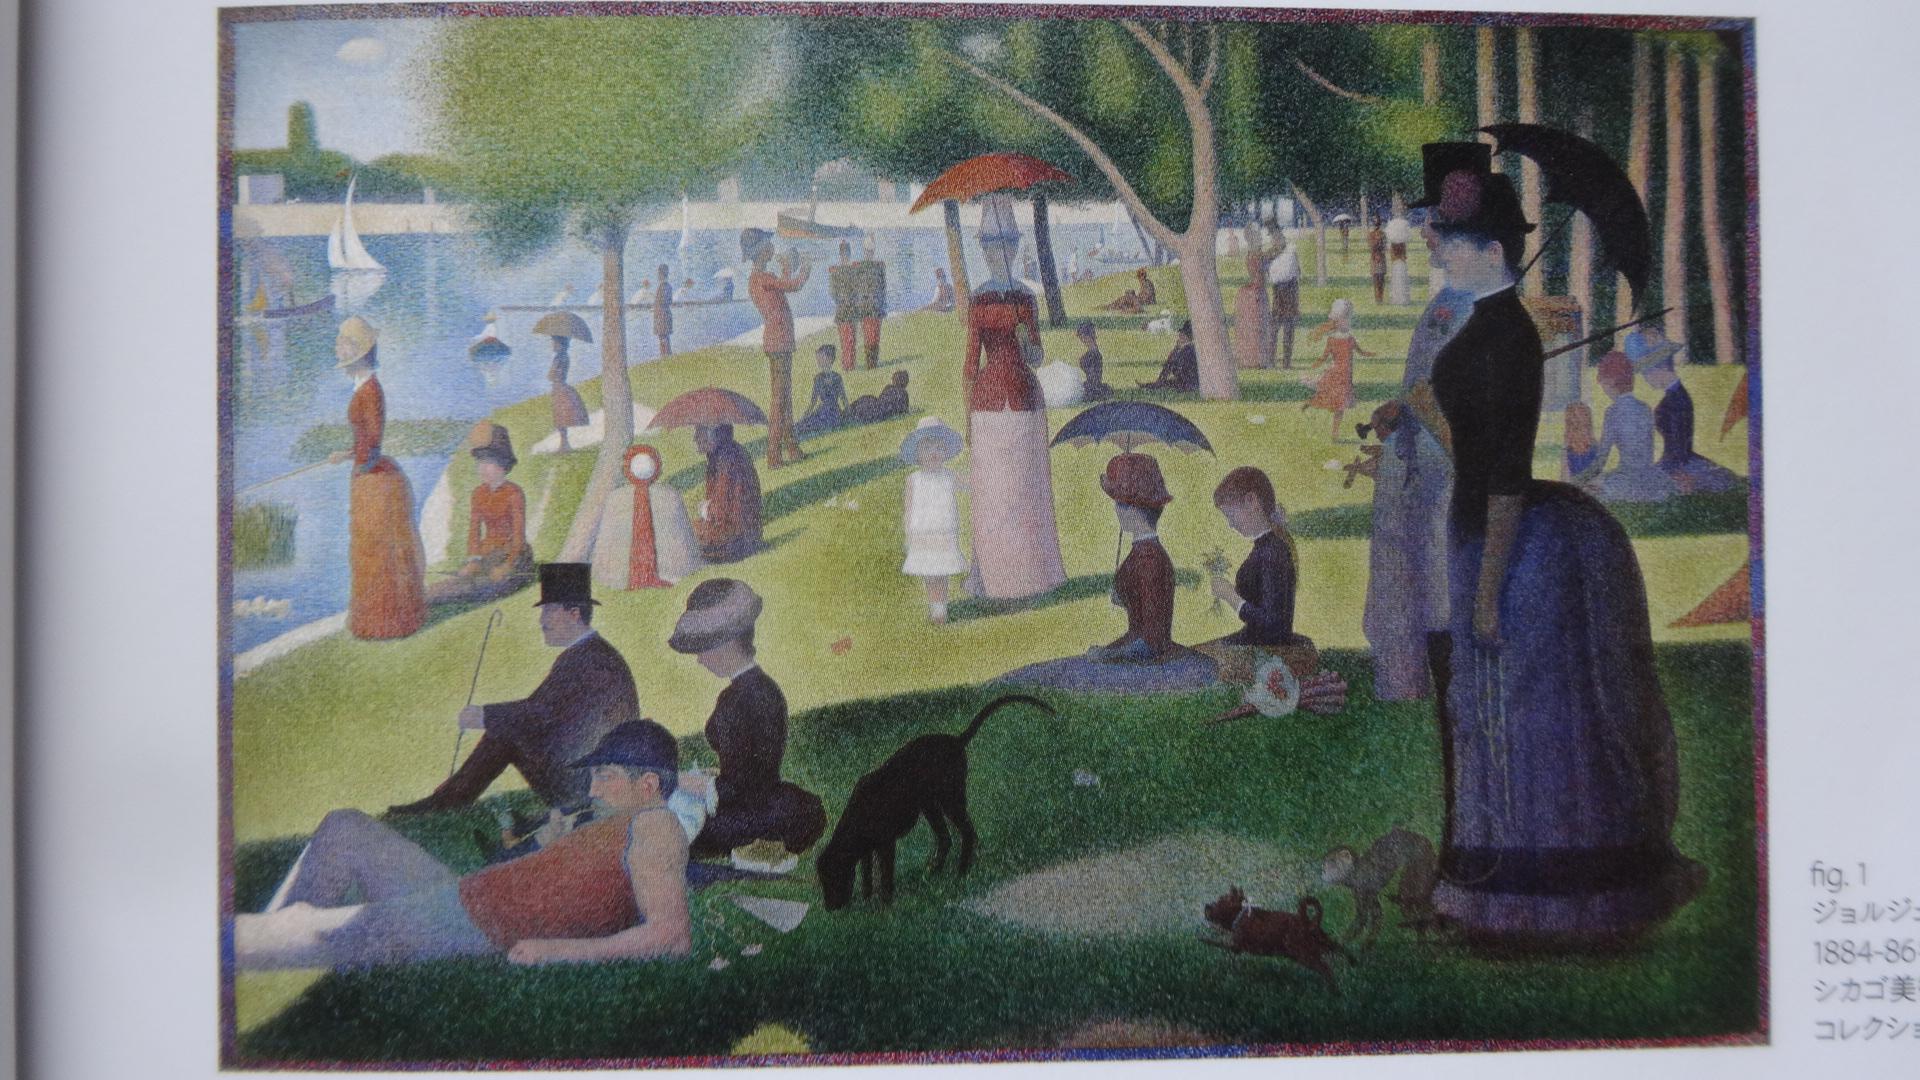 画集に示されたグランドジャッド島の日曜の午後